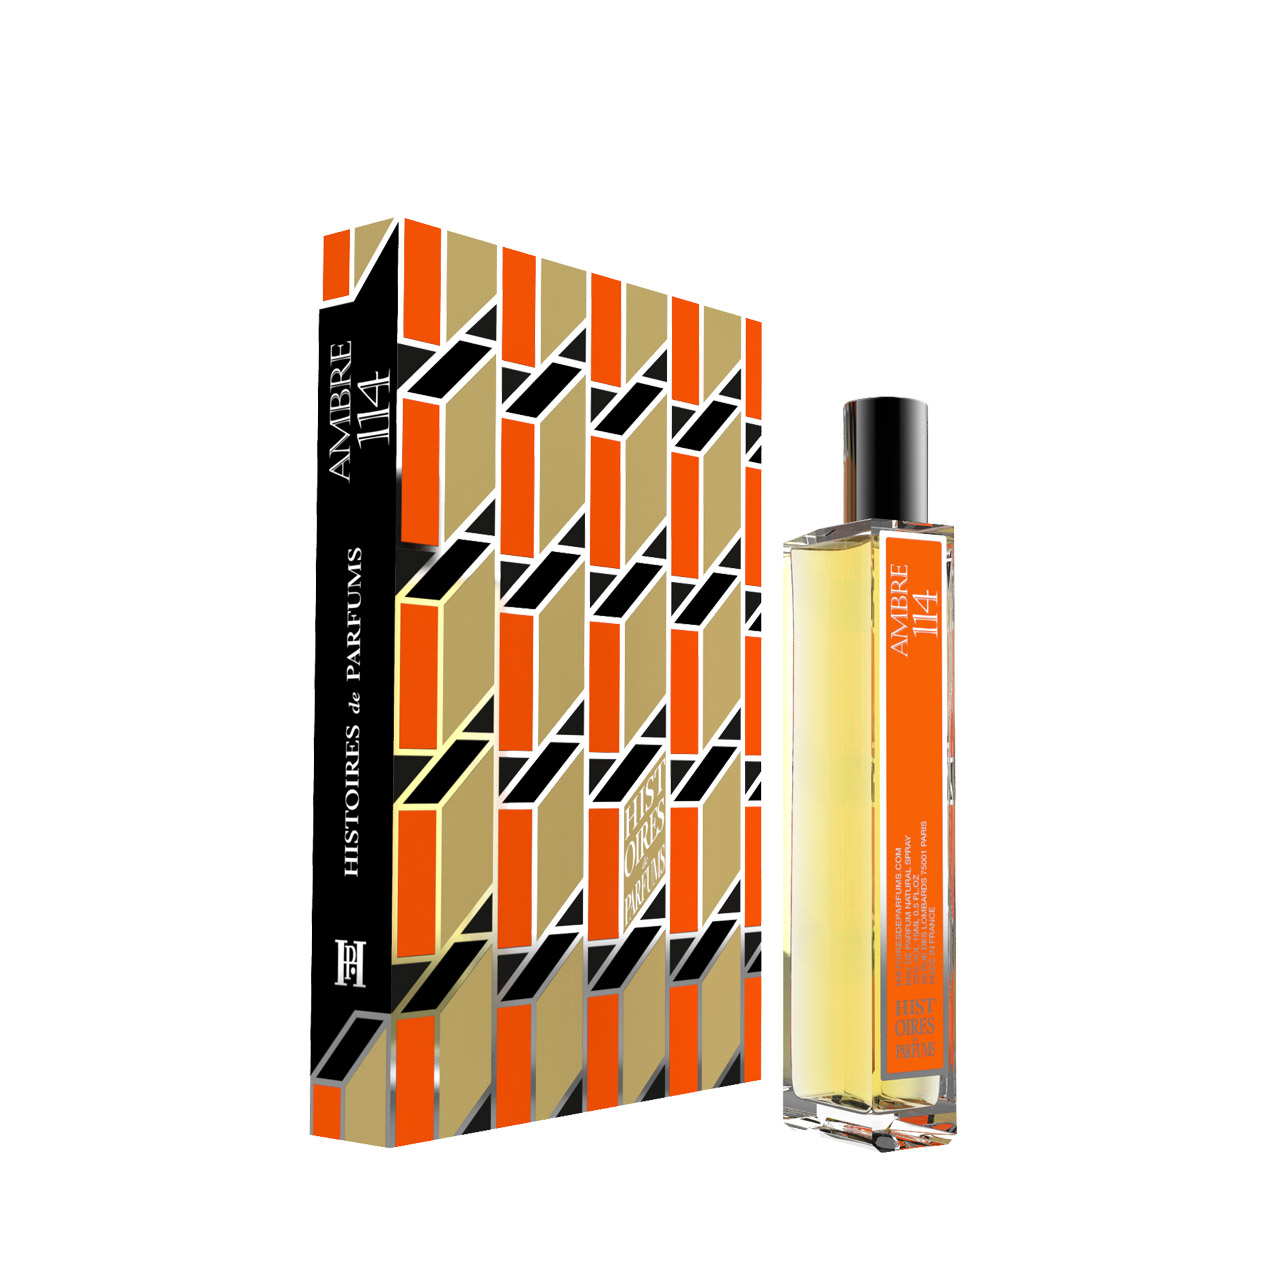 Ambre 114 - Eau de Parfum